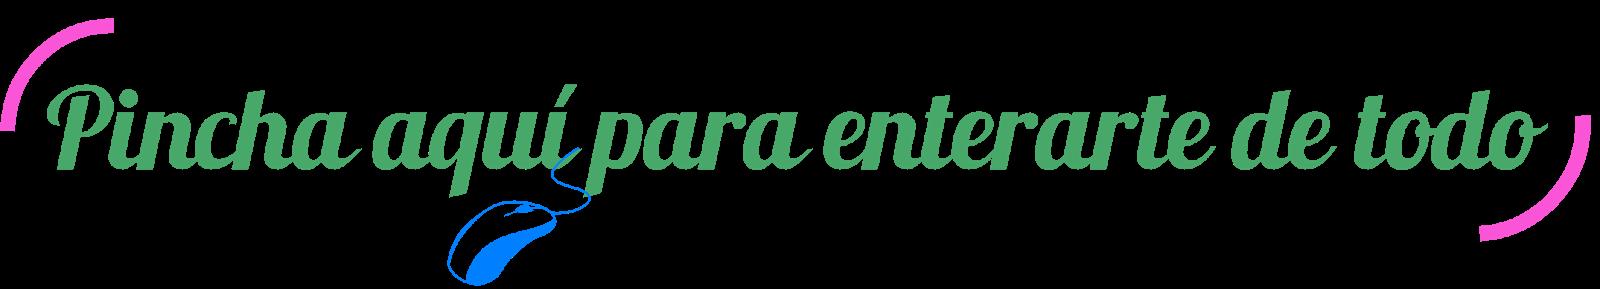 Fiestas de enlaces y sitios en los que participo